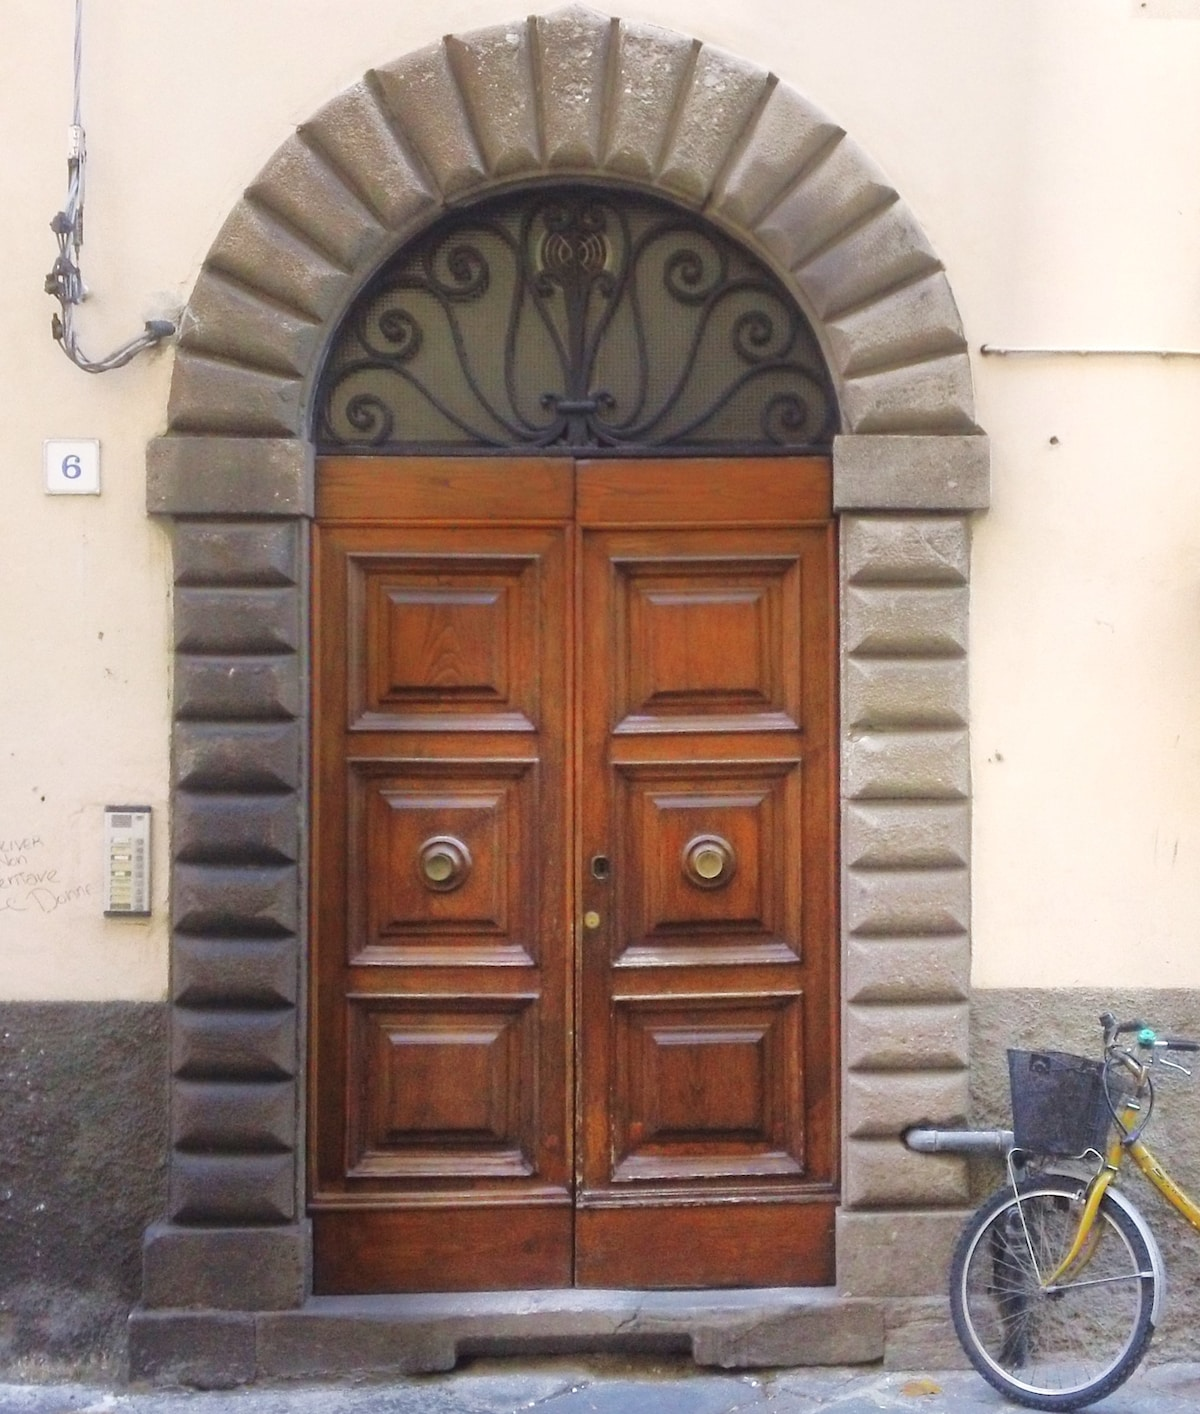 Splendid B&B in the center of Lucca